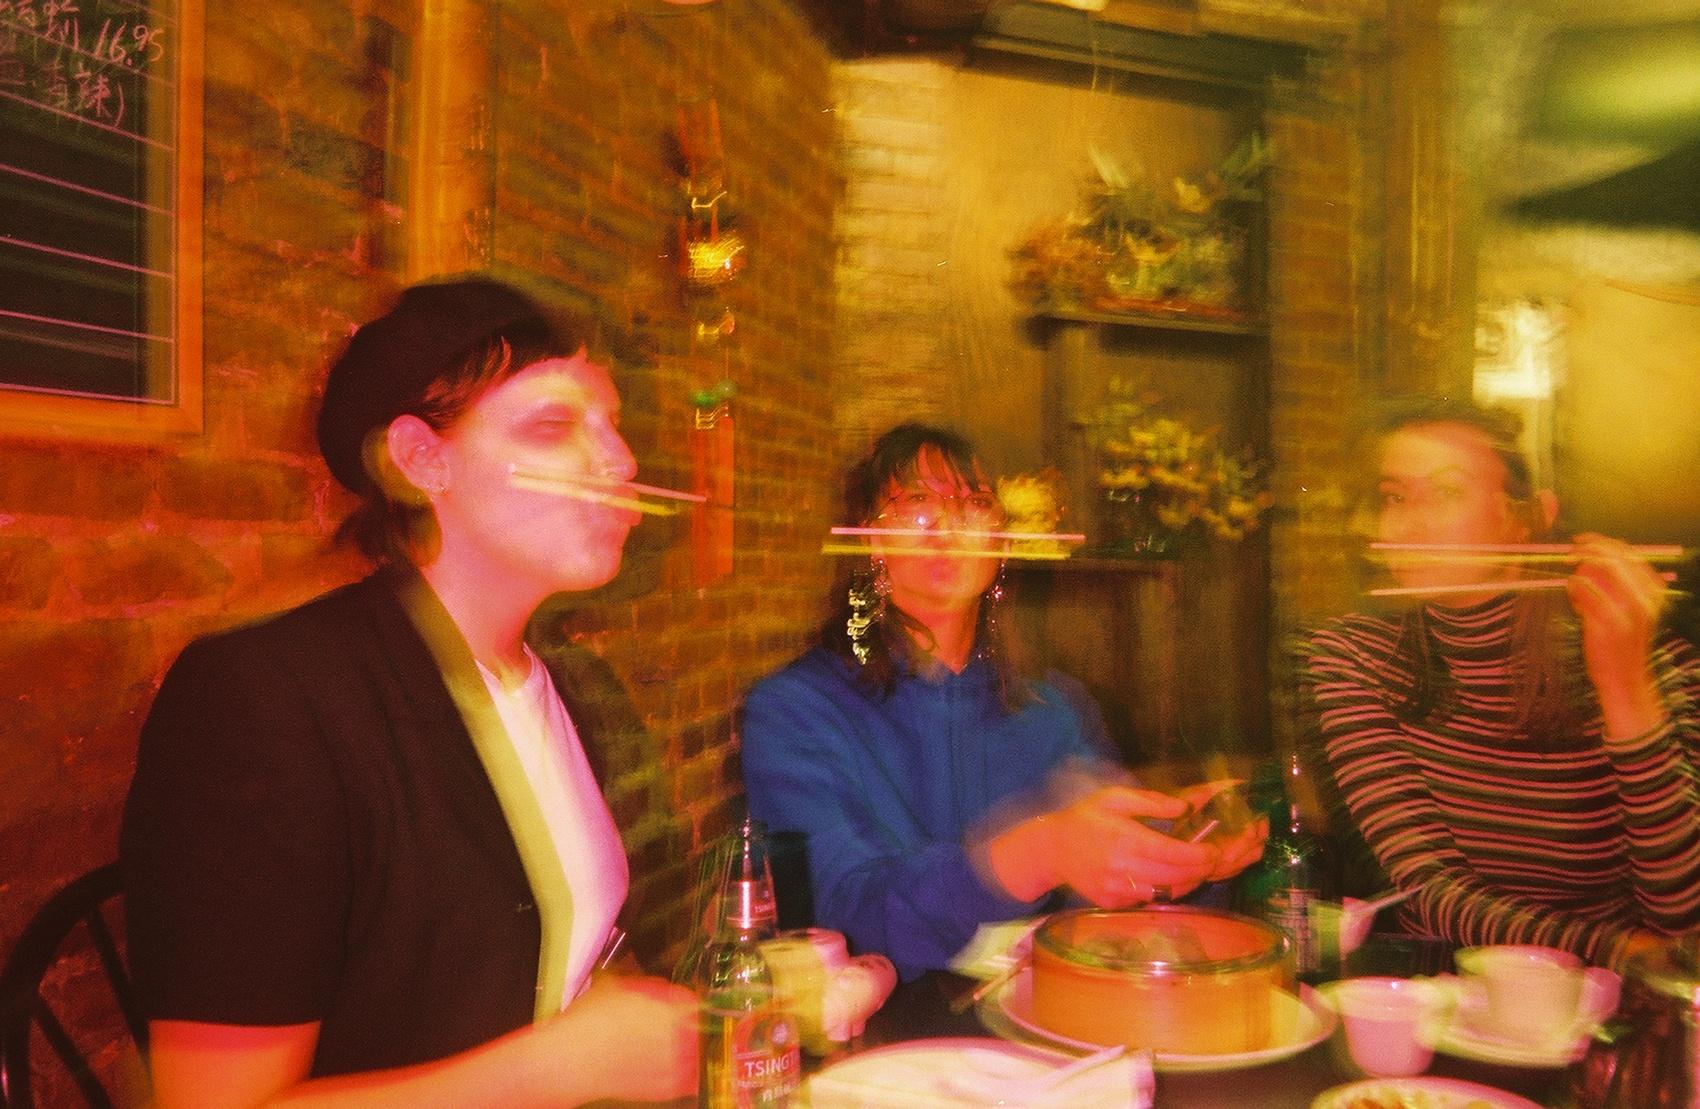 Abby, Lin, and LP performing a very original chopsticks trick.